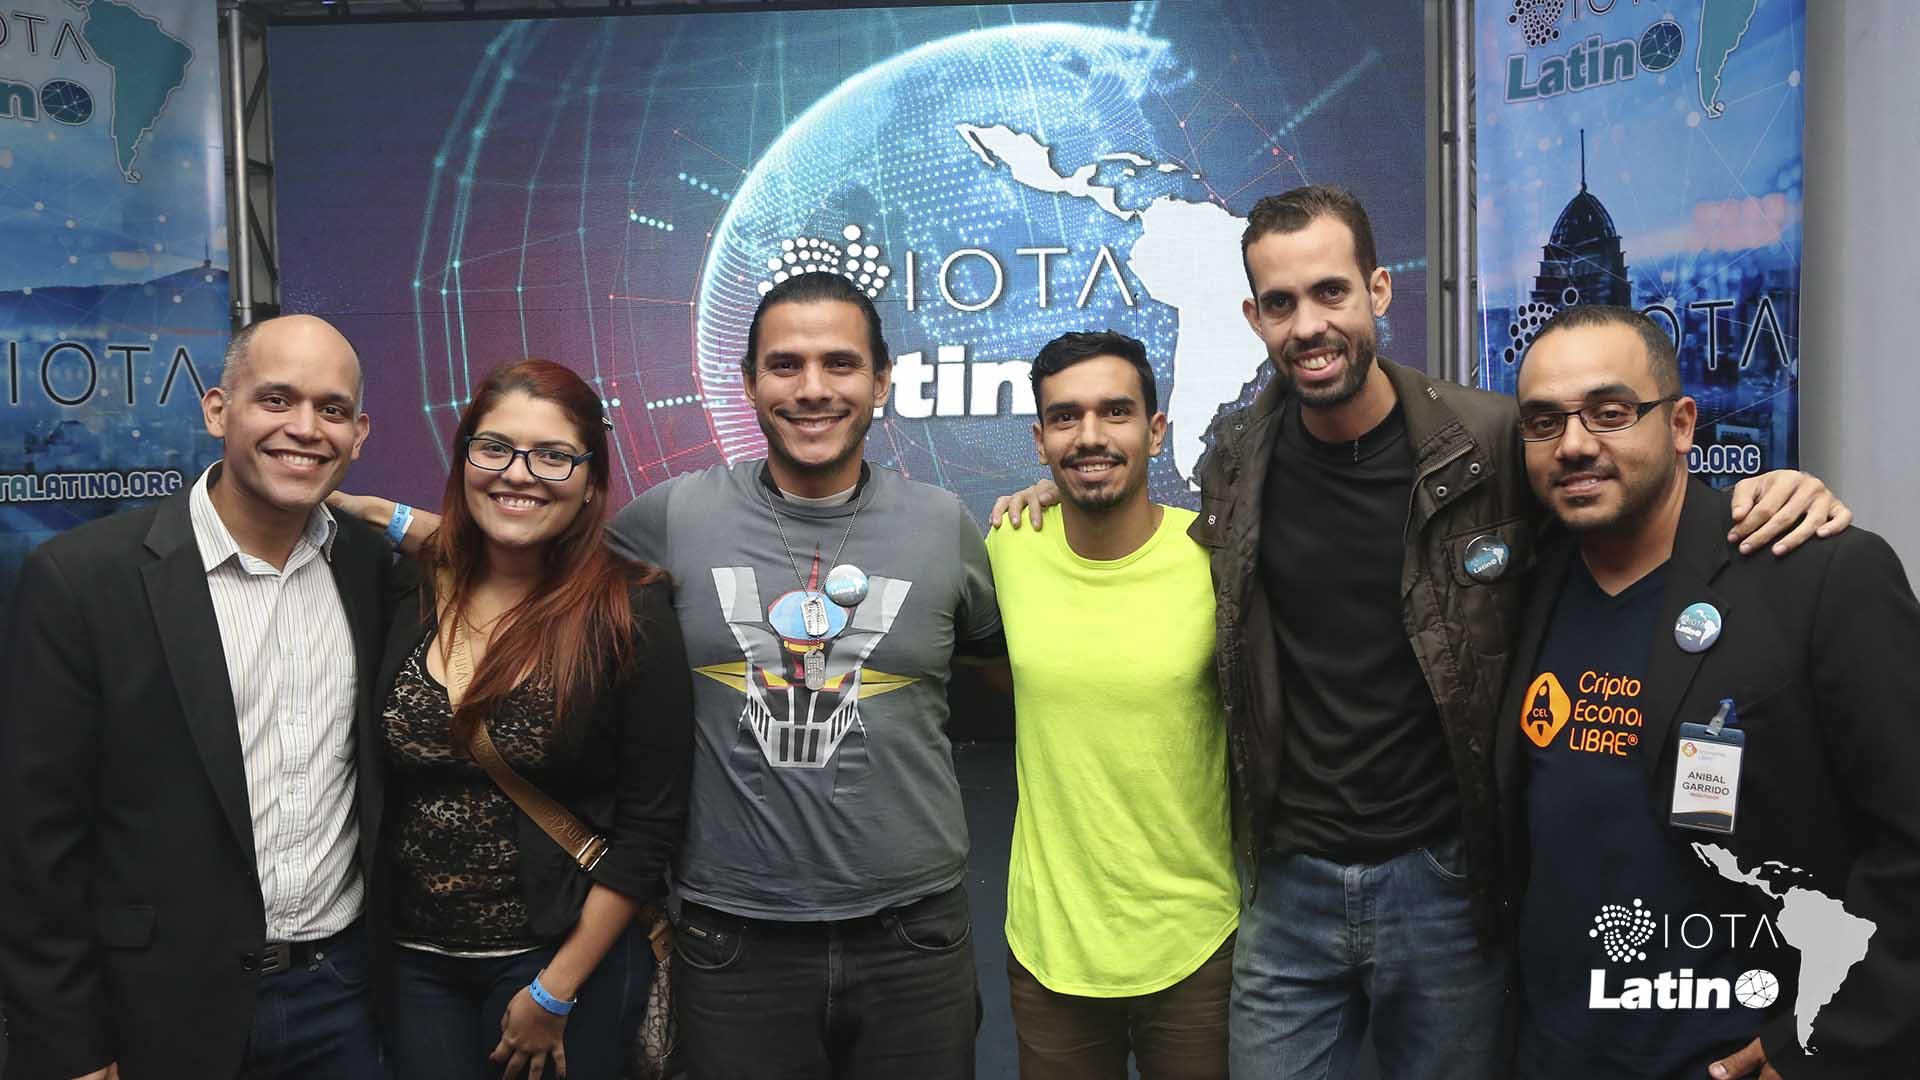 IOTA Latino - 4